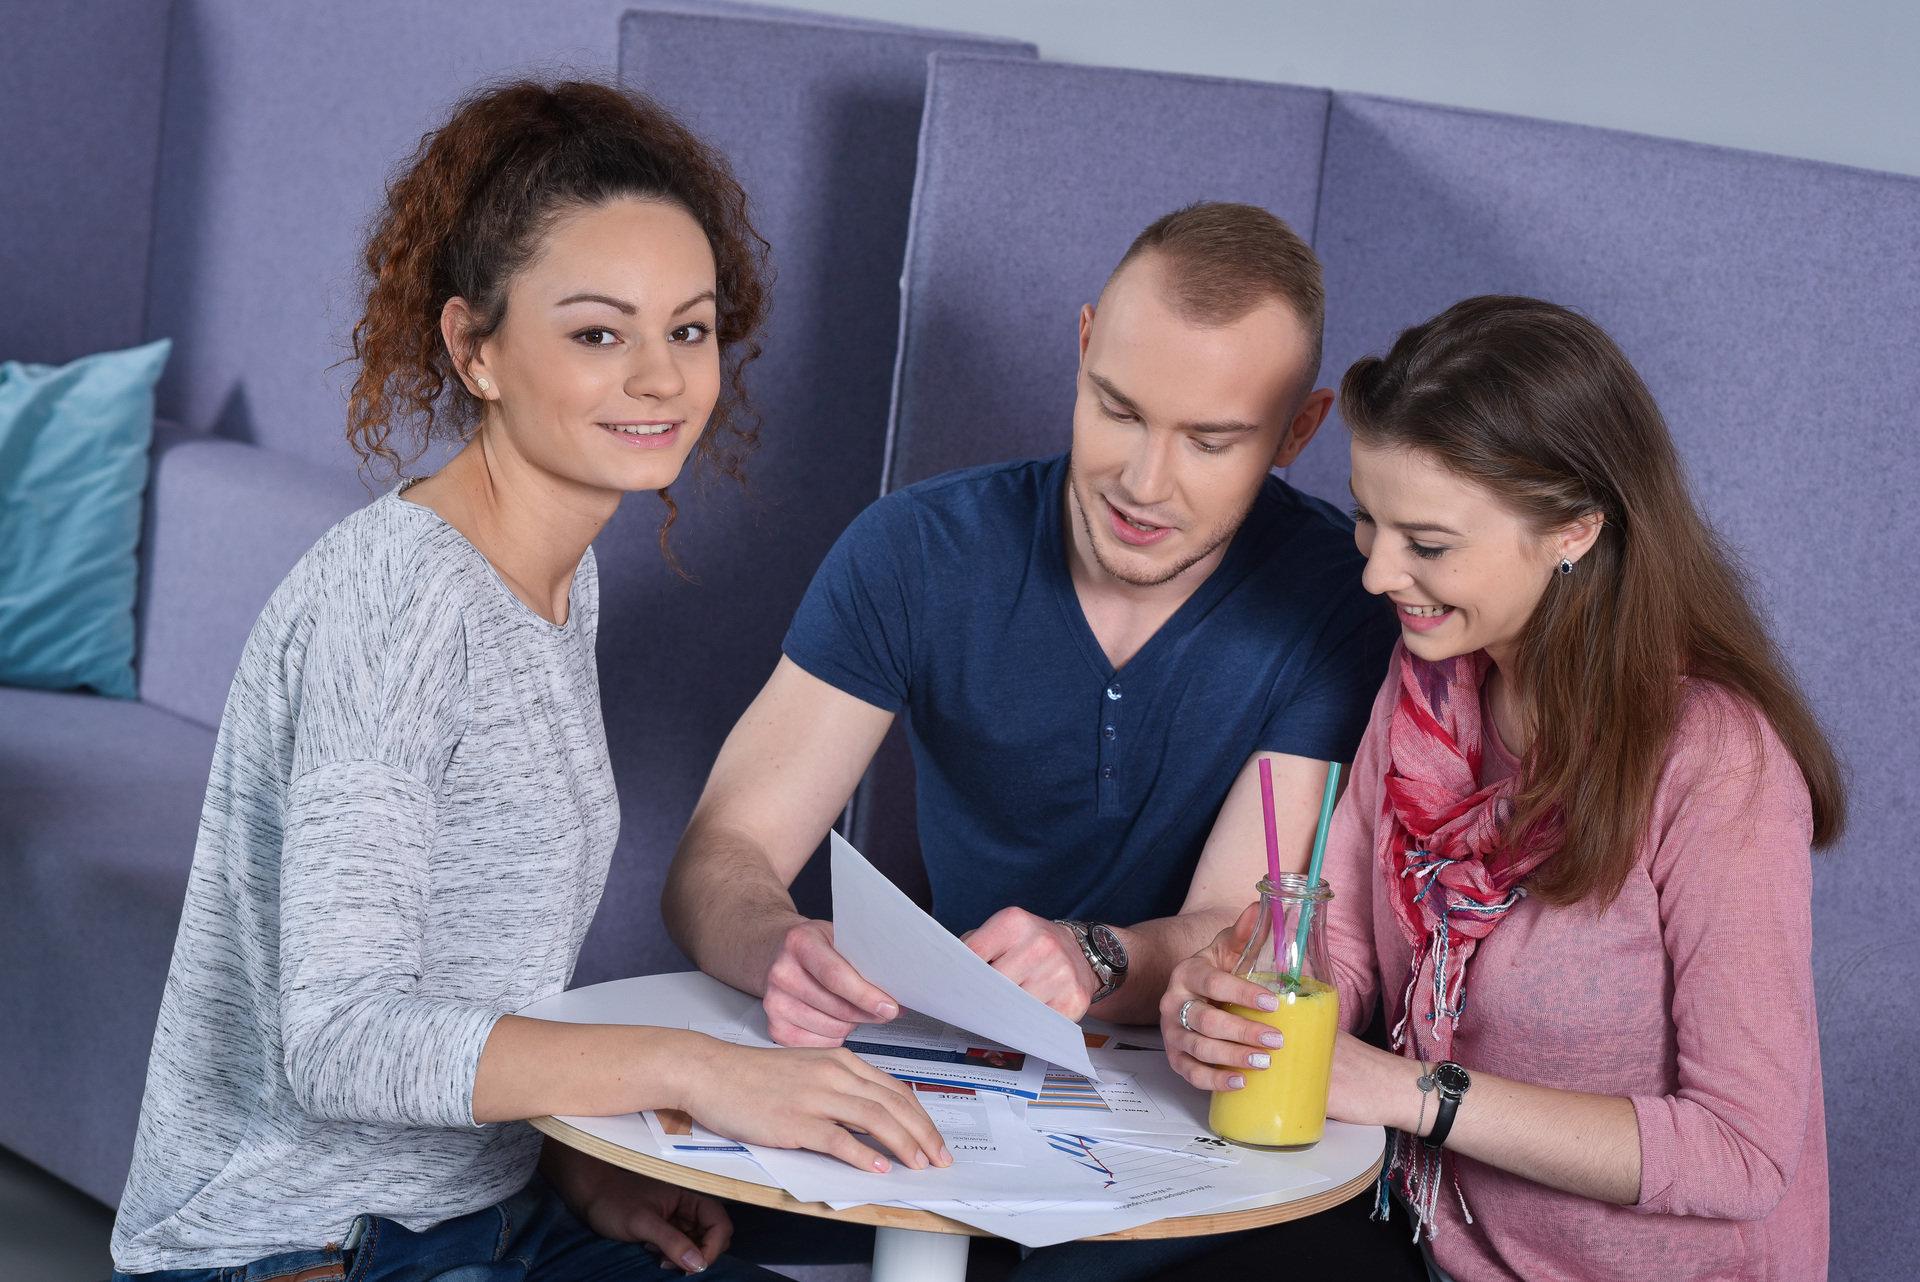 Studia od marca w Wyższej Szkole Bankowej